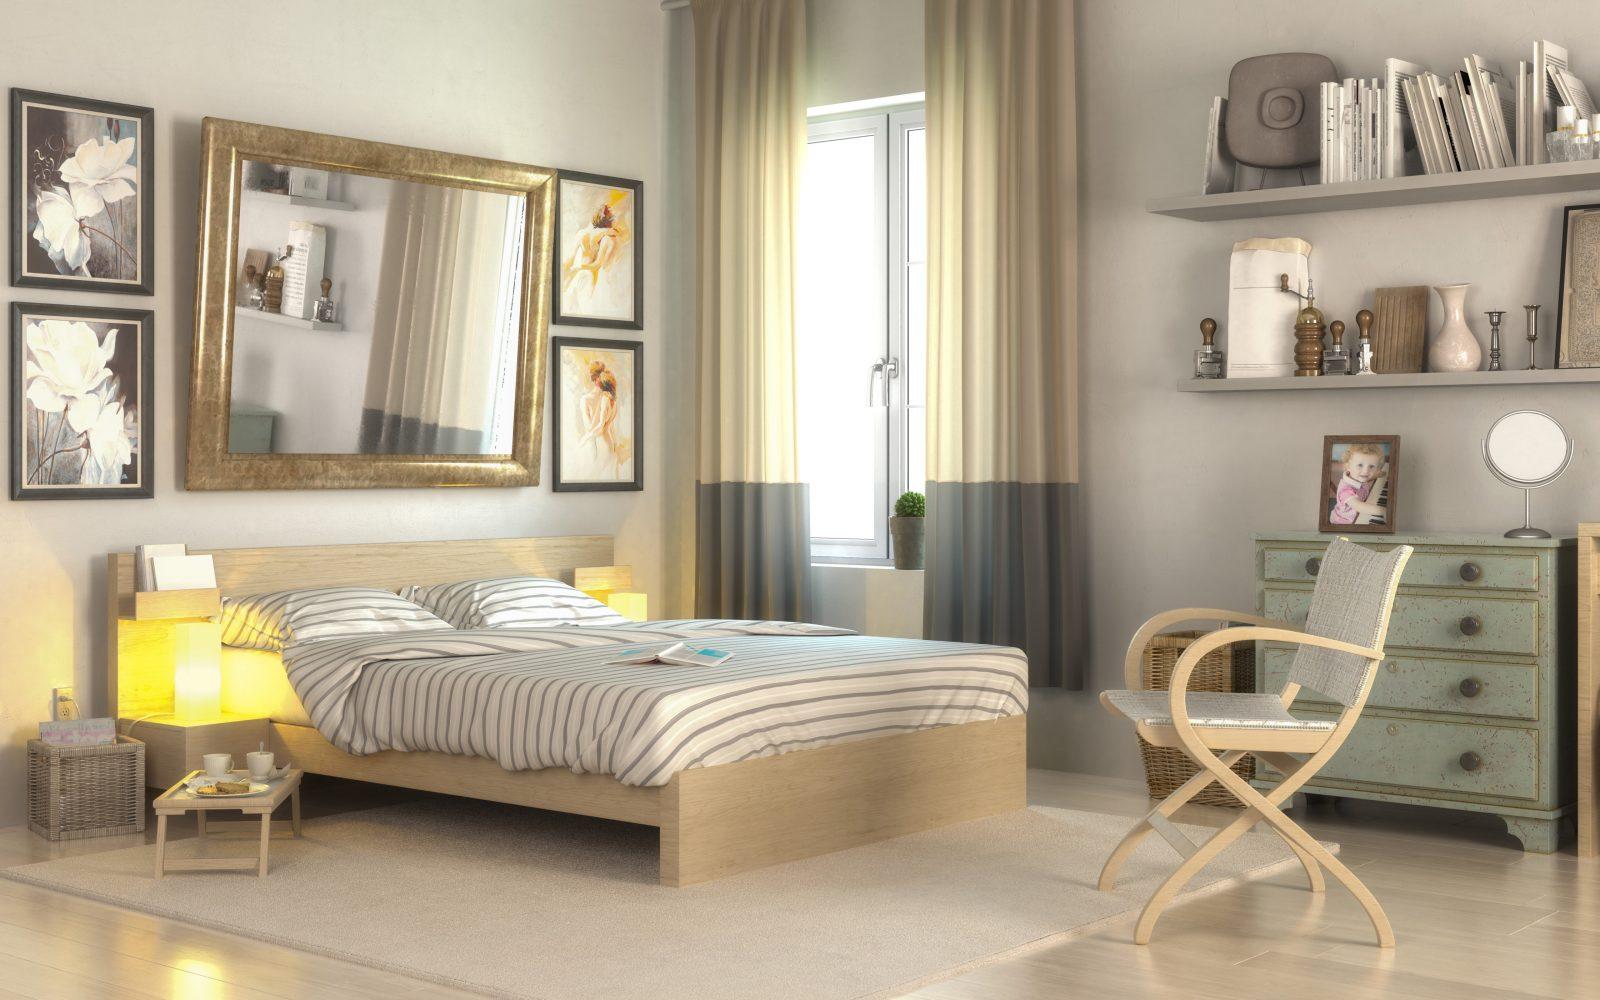 Kleines Schlafzimmer Einrichten So Können Sie Den Platz von Ideen Schlafzimmer Einrichten Photo